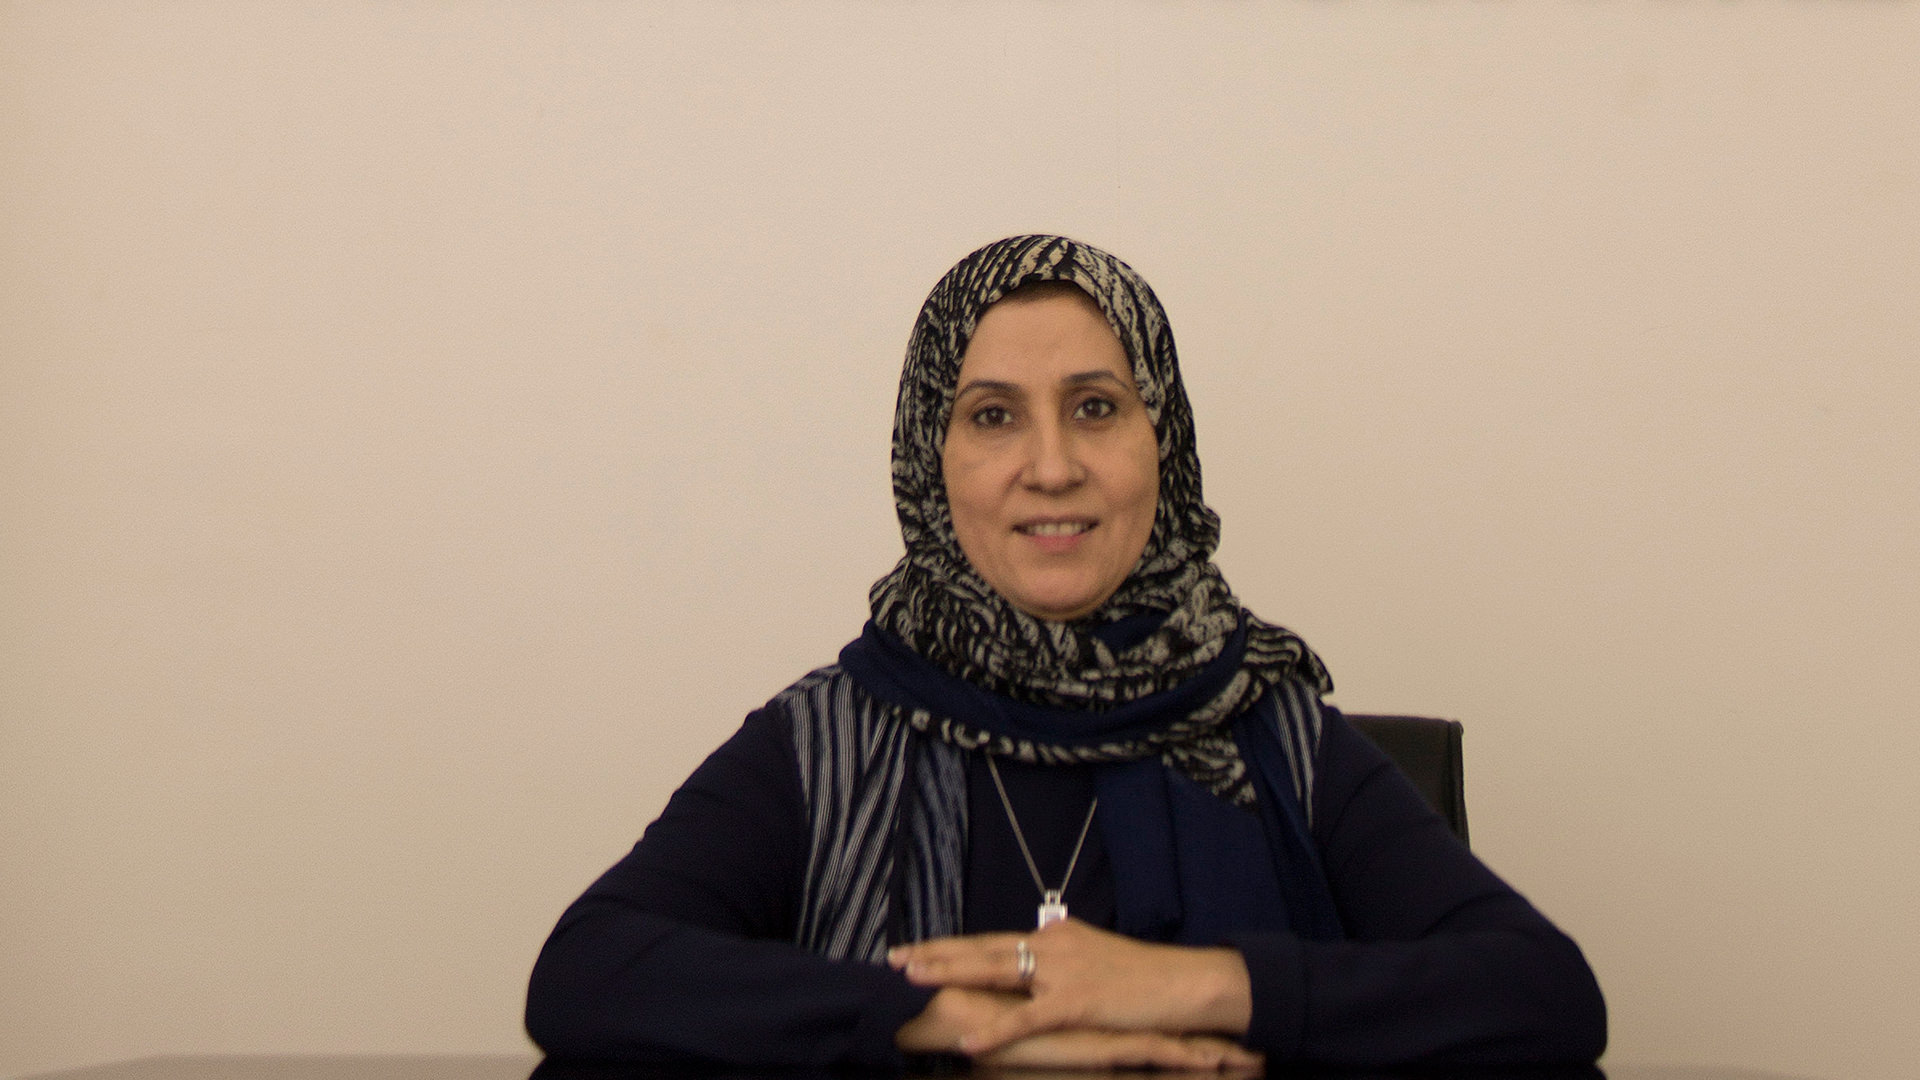 Dr. Zahra Al-Sammak